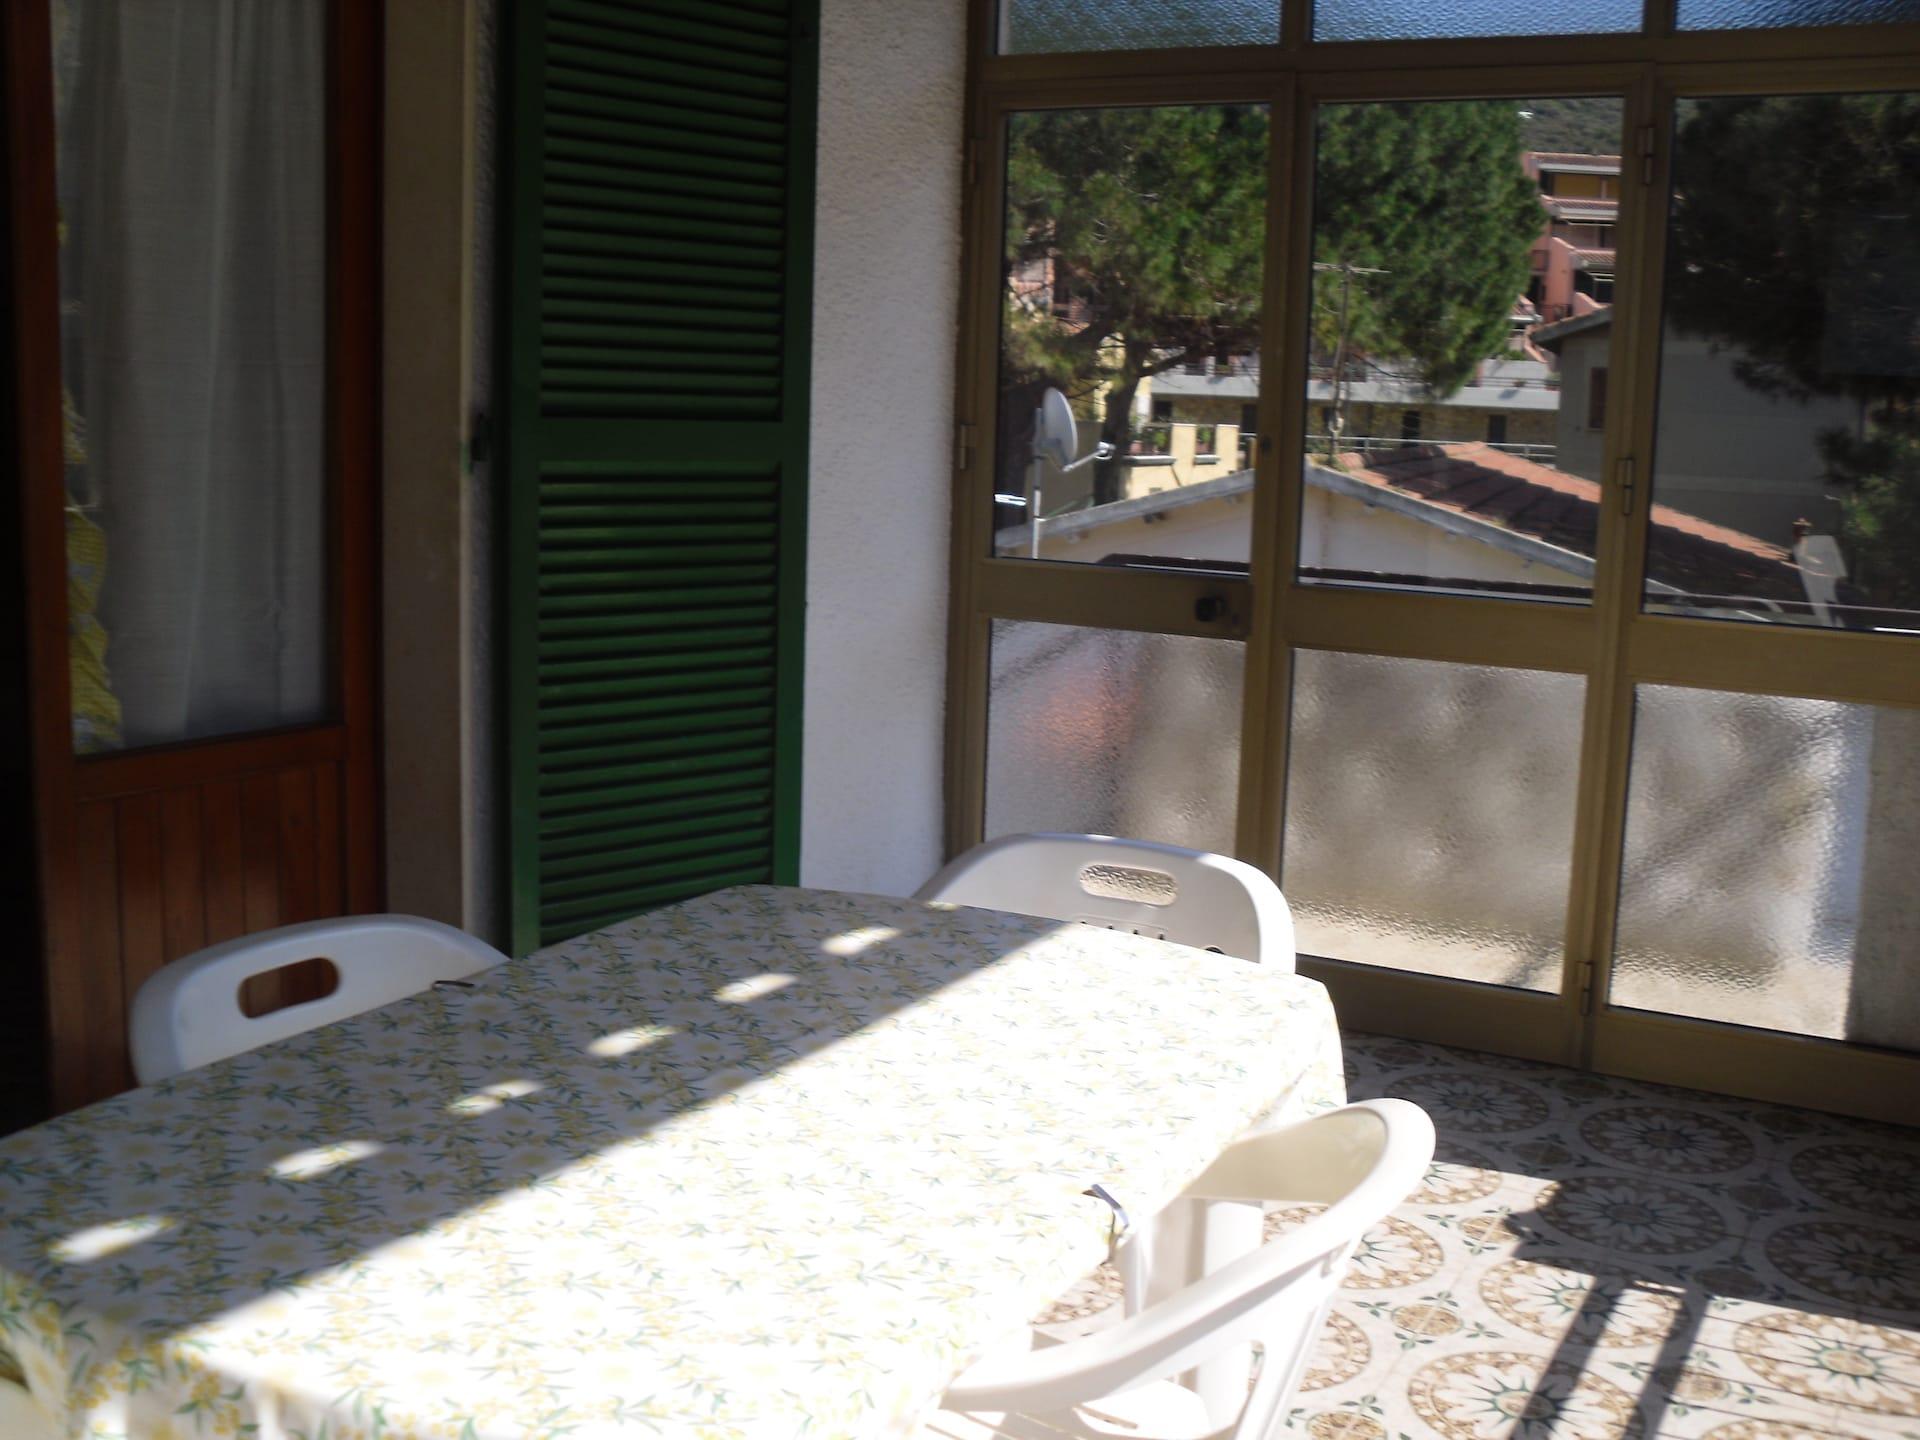 Appartamento bilocale vicino spiaggia senza vista mare rif. ANDREA BILO